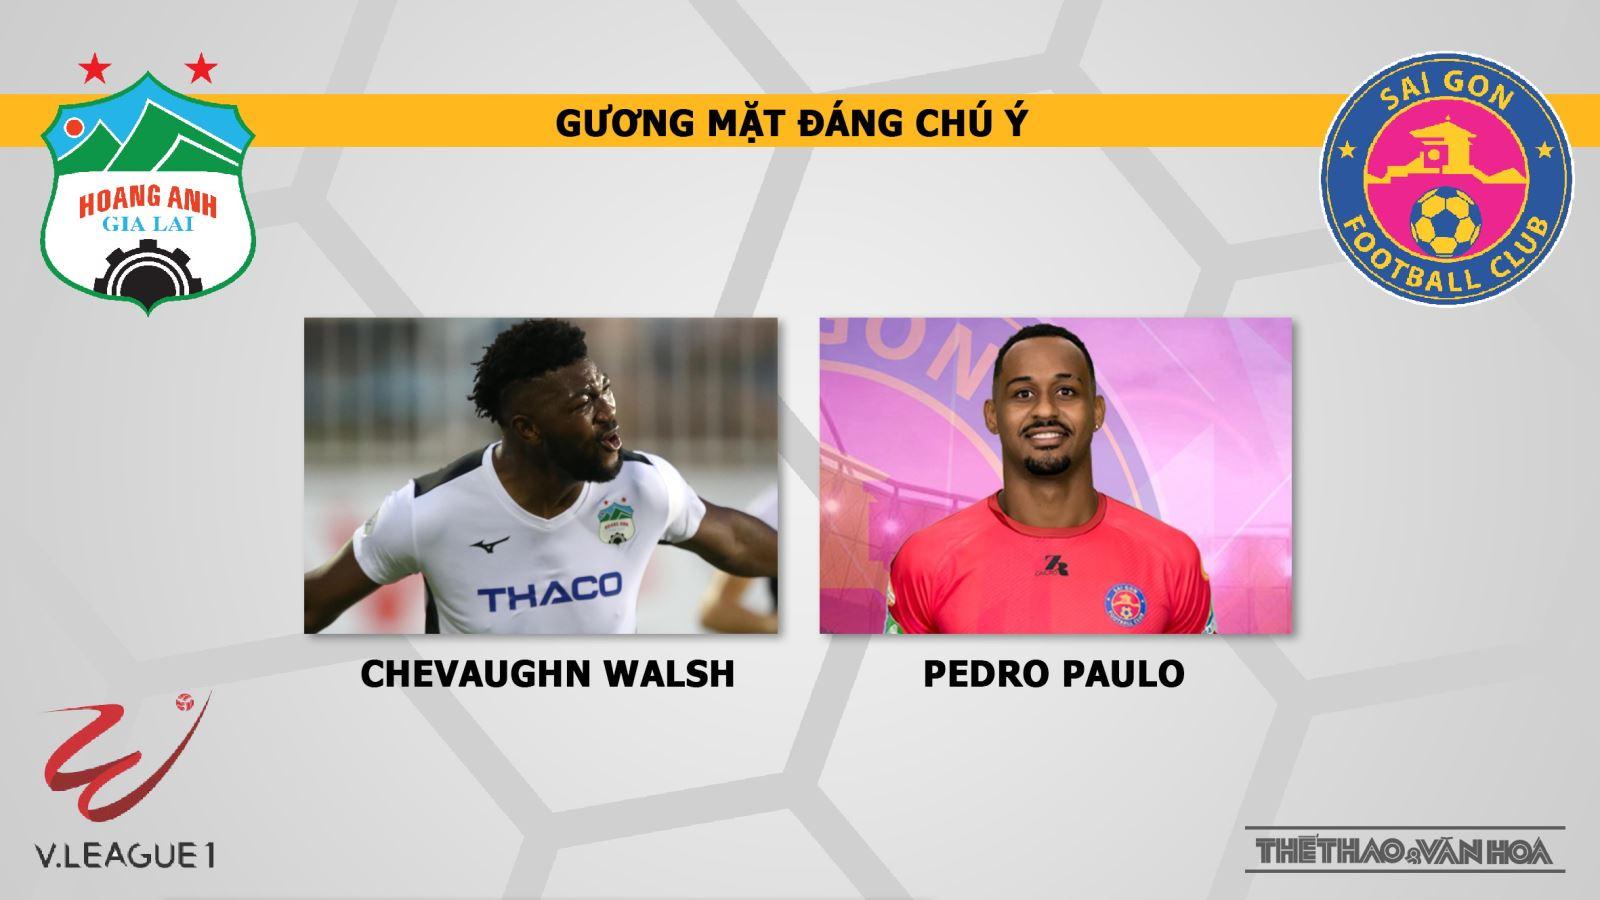 HAGL đấu với Sài Gòn, HAGL, Sài Gòn, kèo bóng đá, soi kèo bóng đá, nhận định, dự đoán, bóng đá, trực tiếp bóng đá